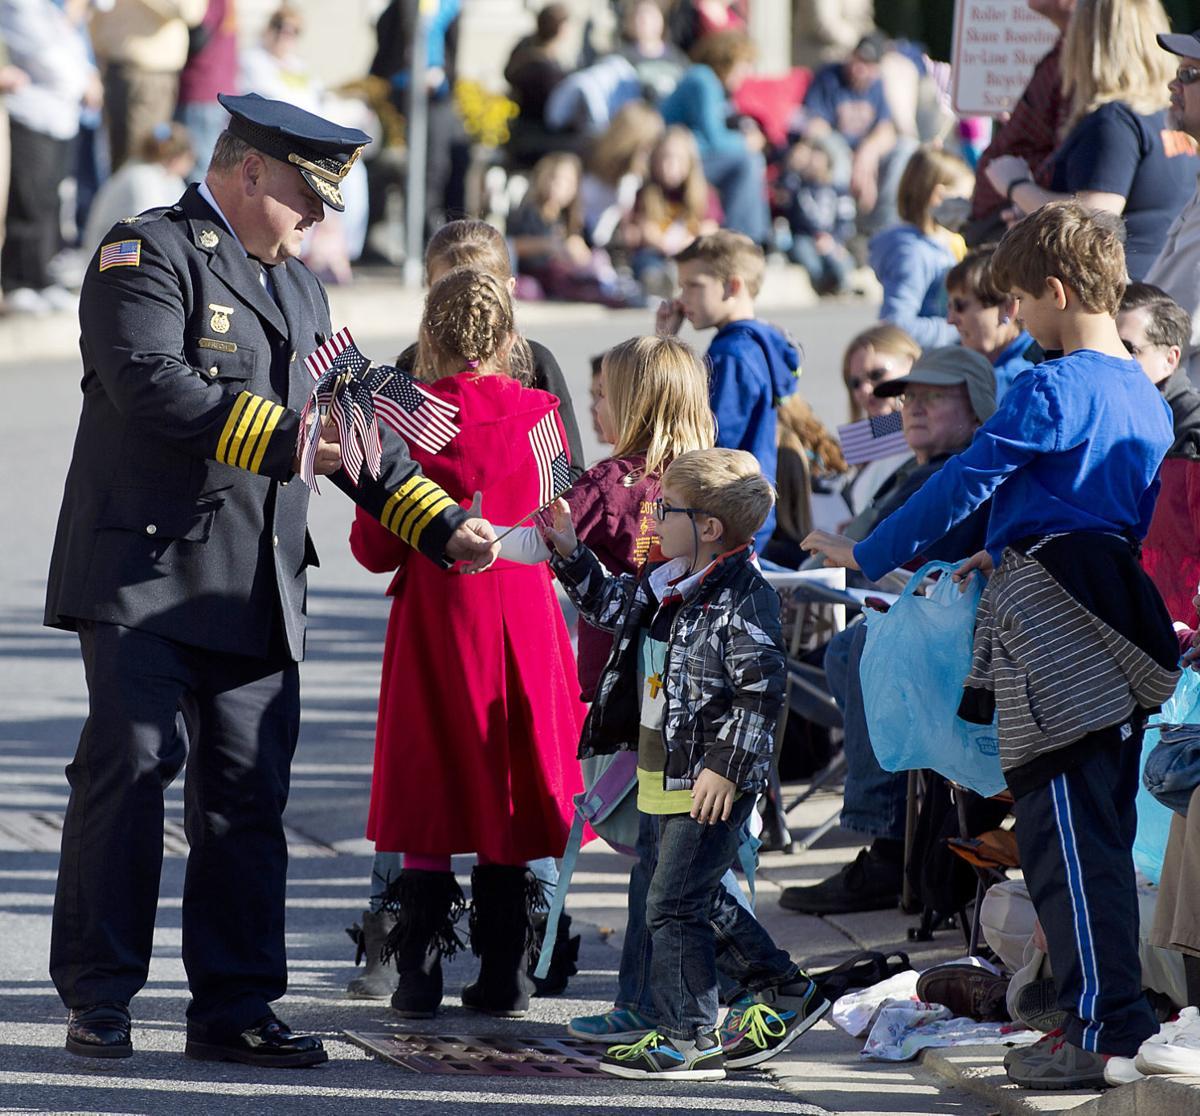 Brunswick Veterans Parade, Milt Frech